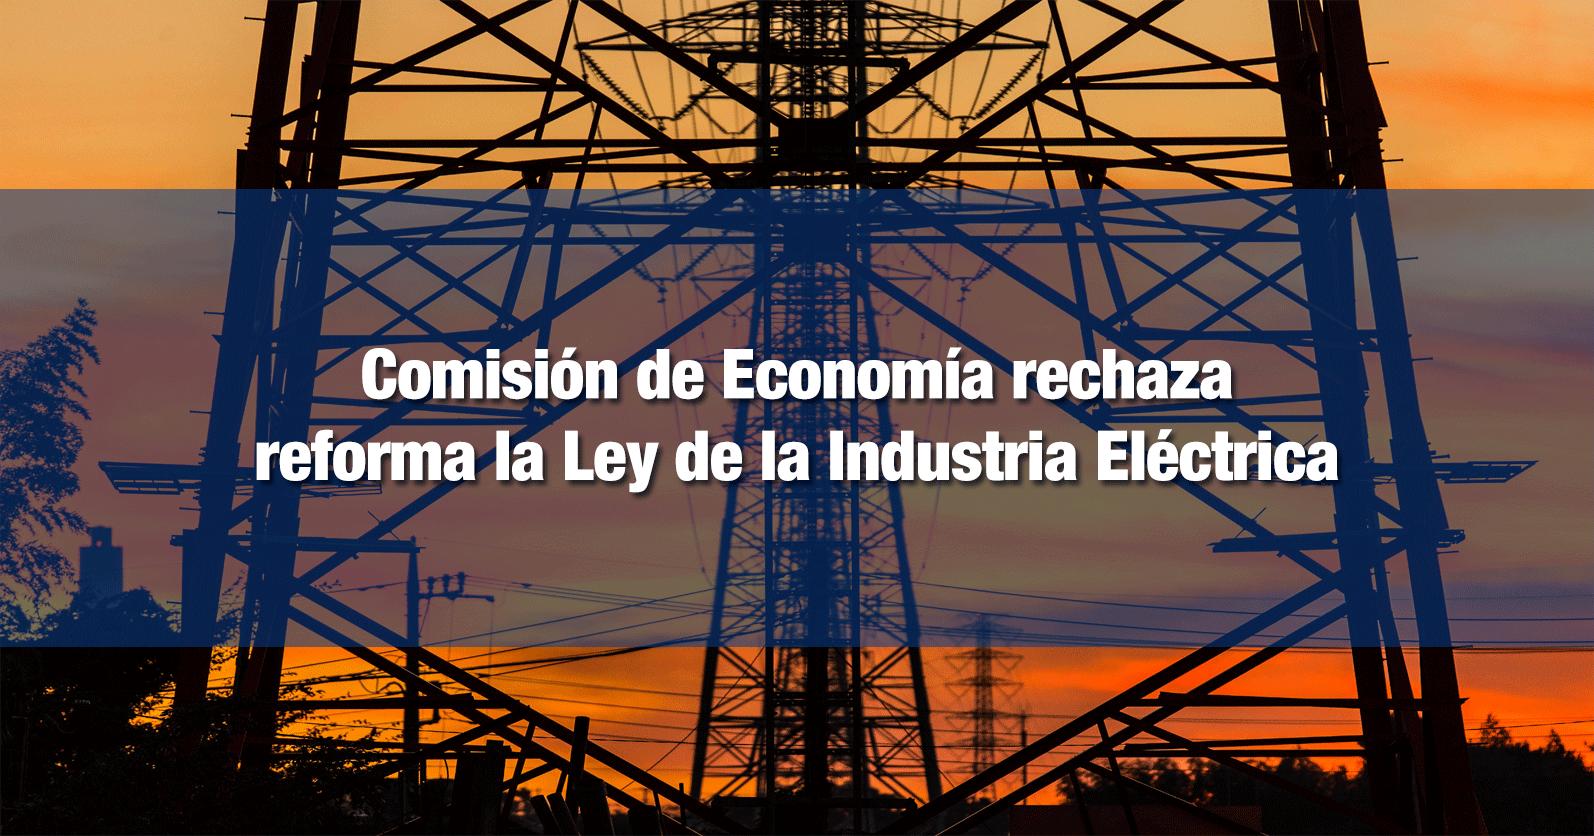 Comisión de Economía rechaza reforma la Ley de la Industria Eléctrica